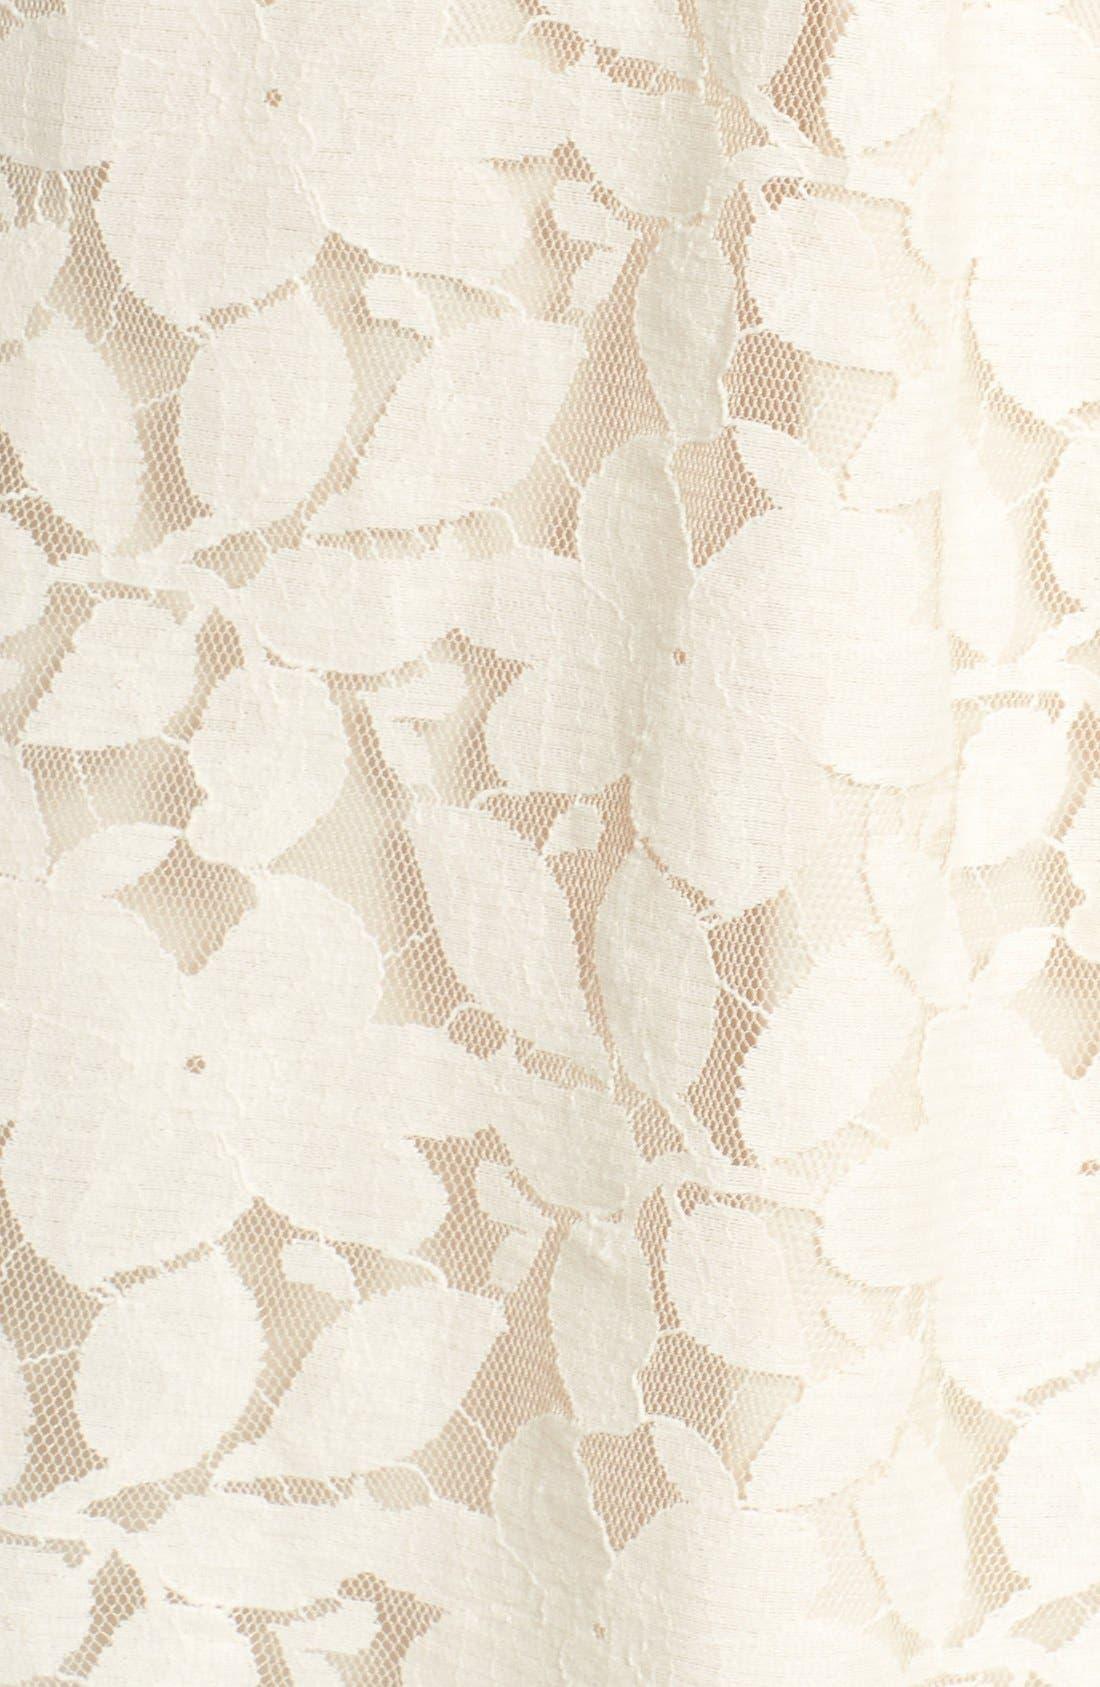 Floral Lace Shift Dress,                             Alternate thumbnail 2, color,                             909